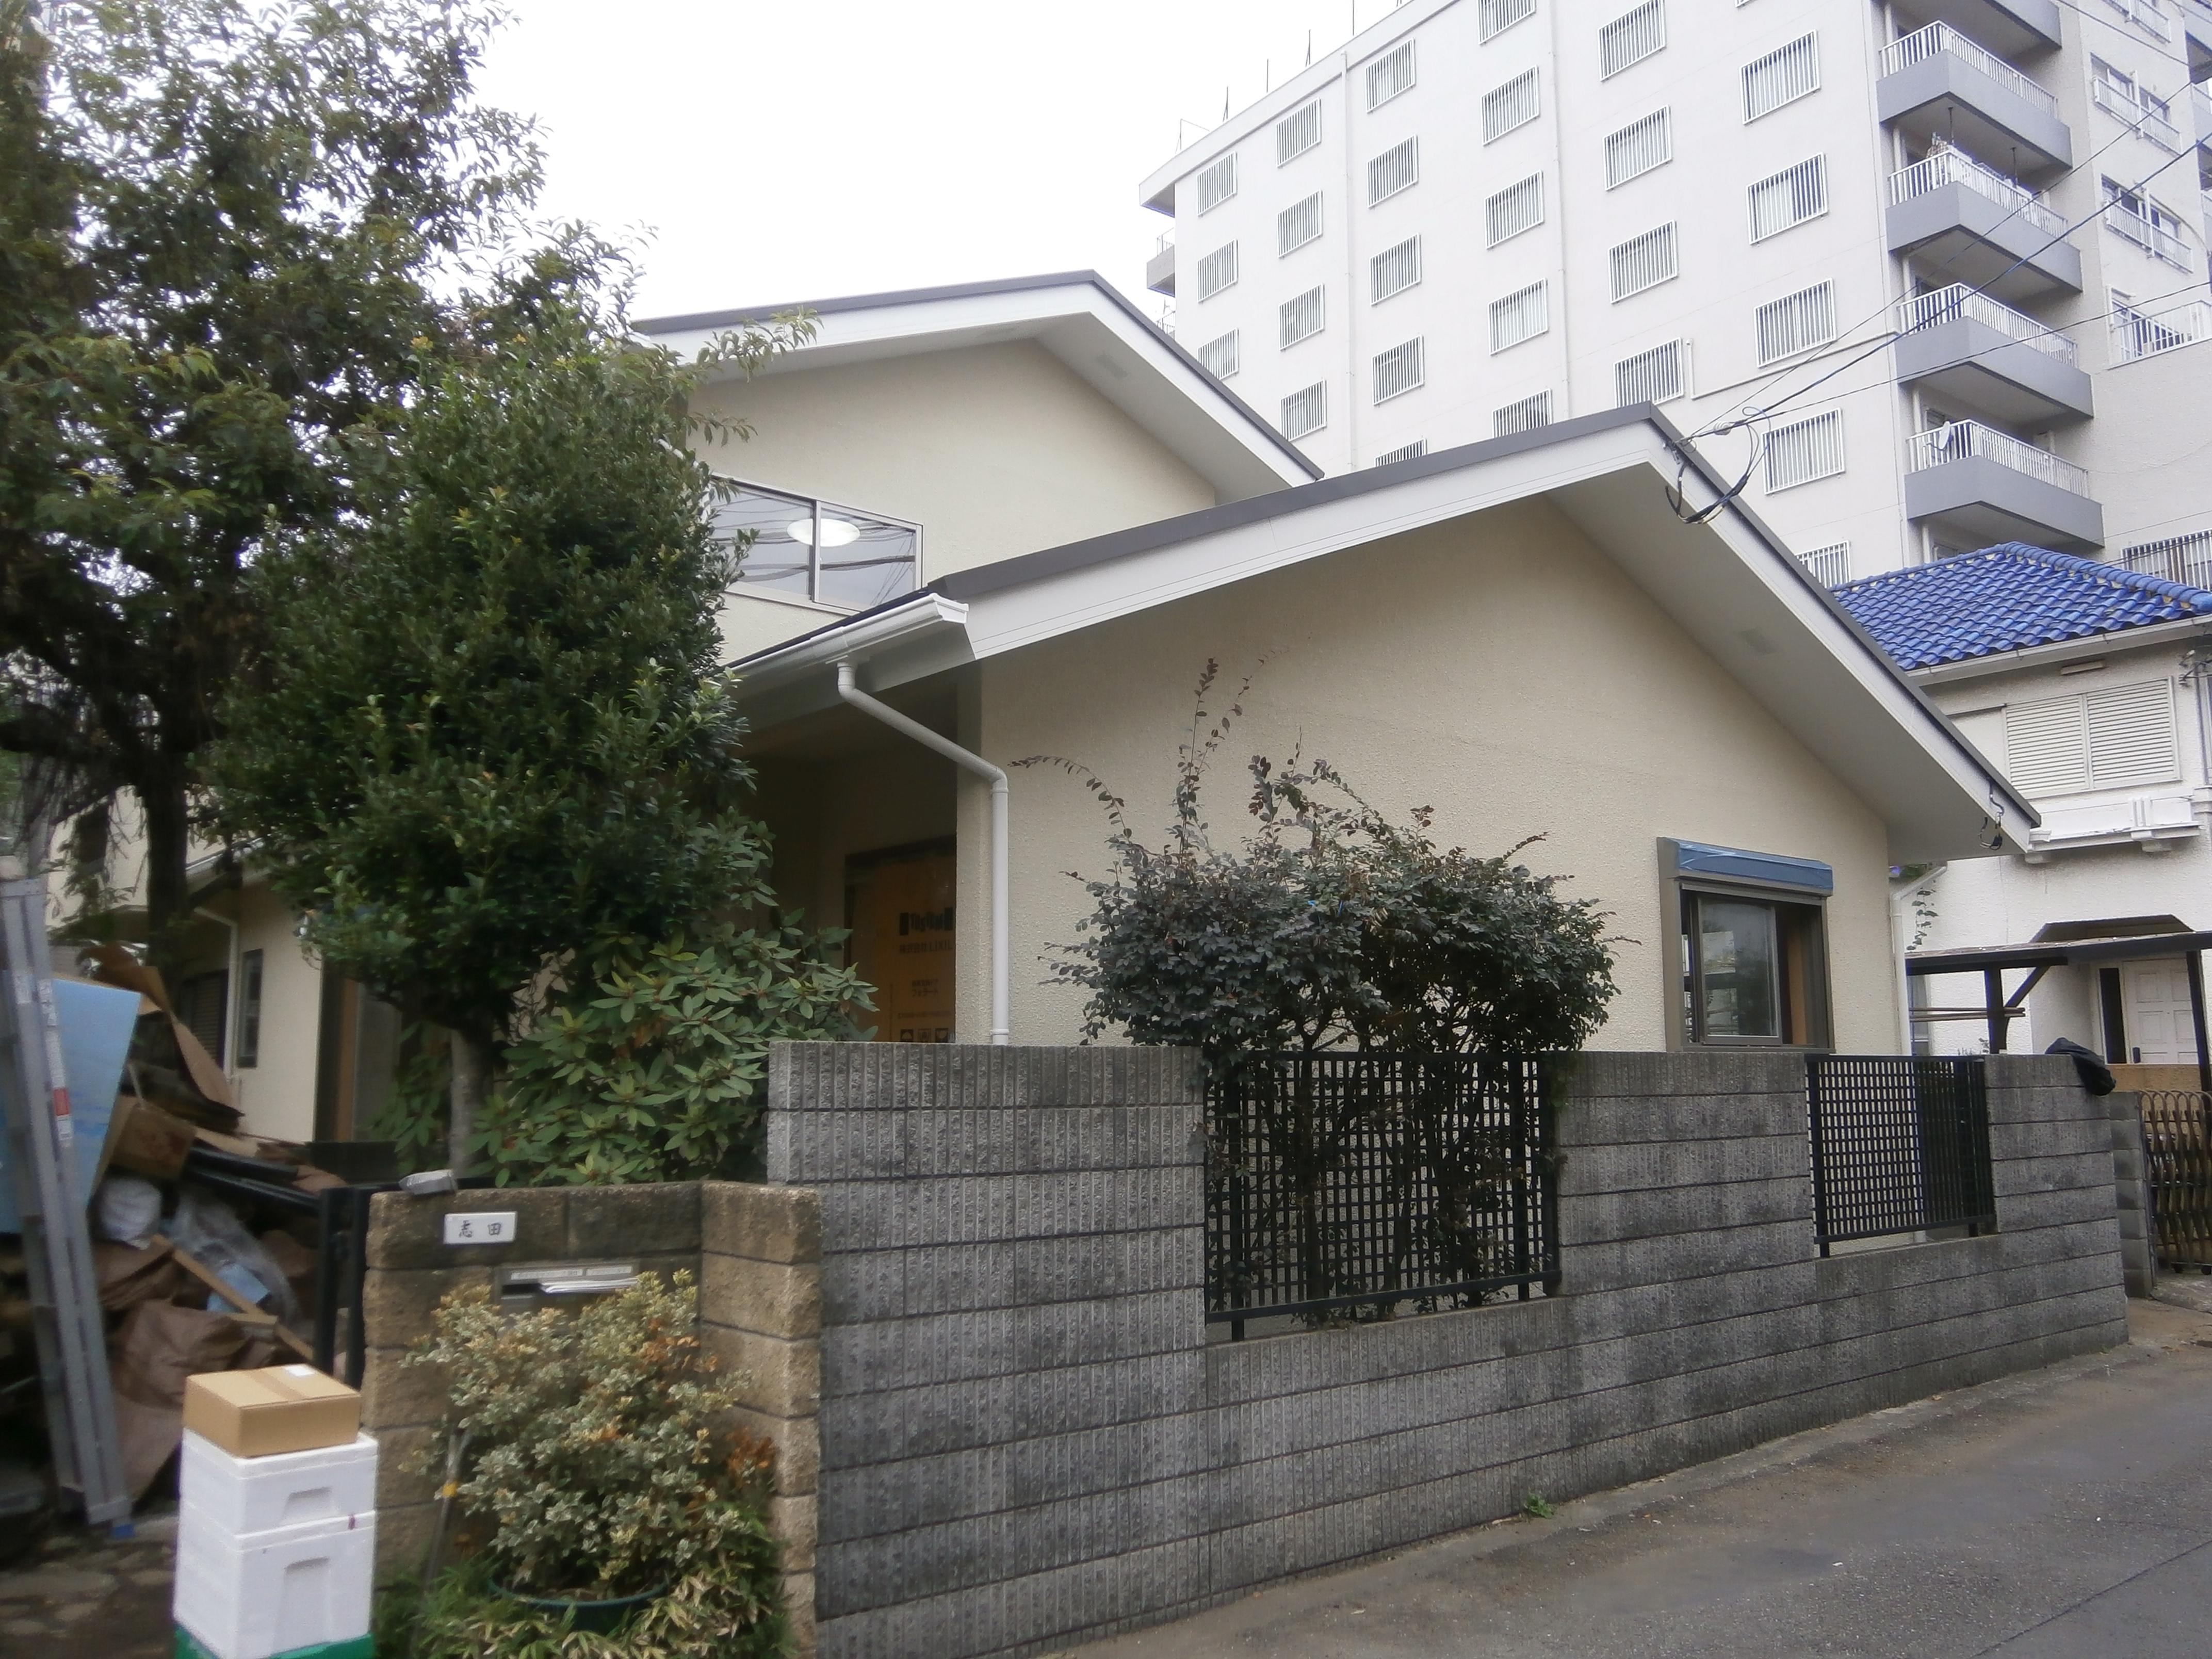 耐震補強で二世帯住宅の全面リフォーム:東京都小金井市T様邸の写真 外観